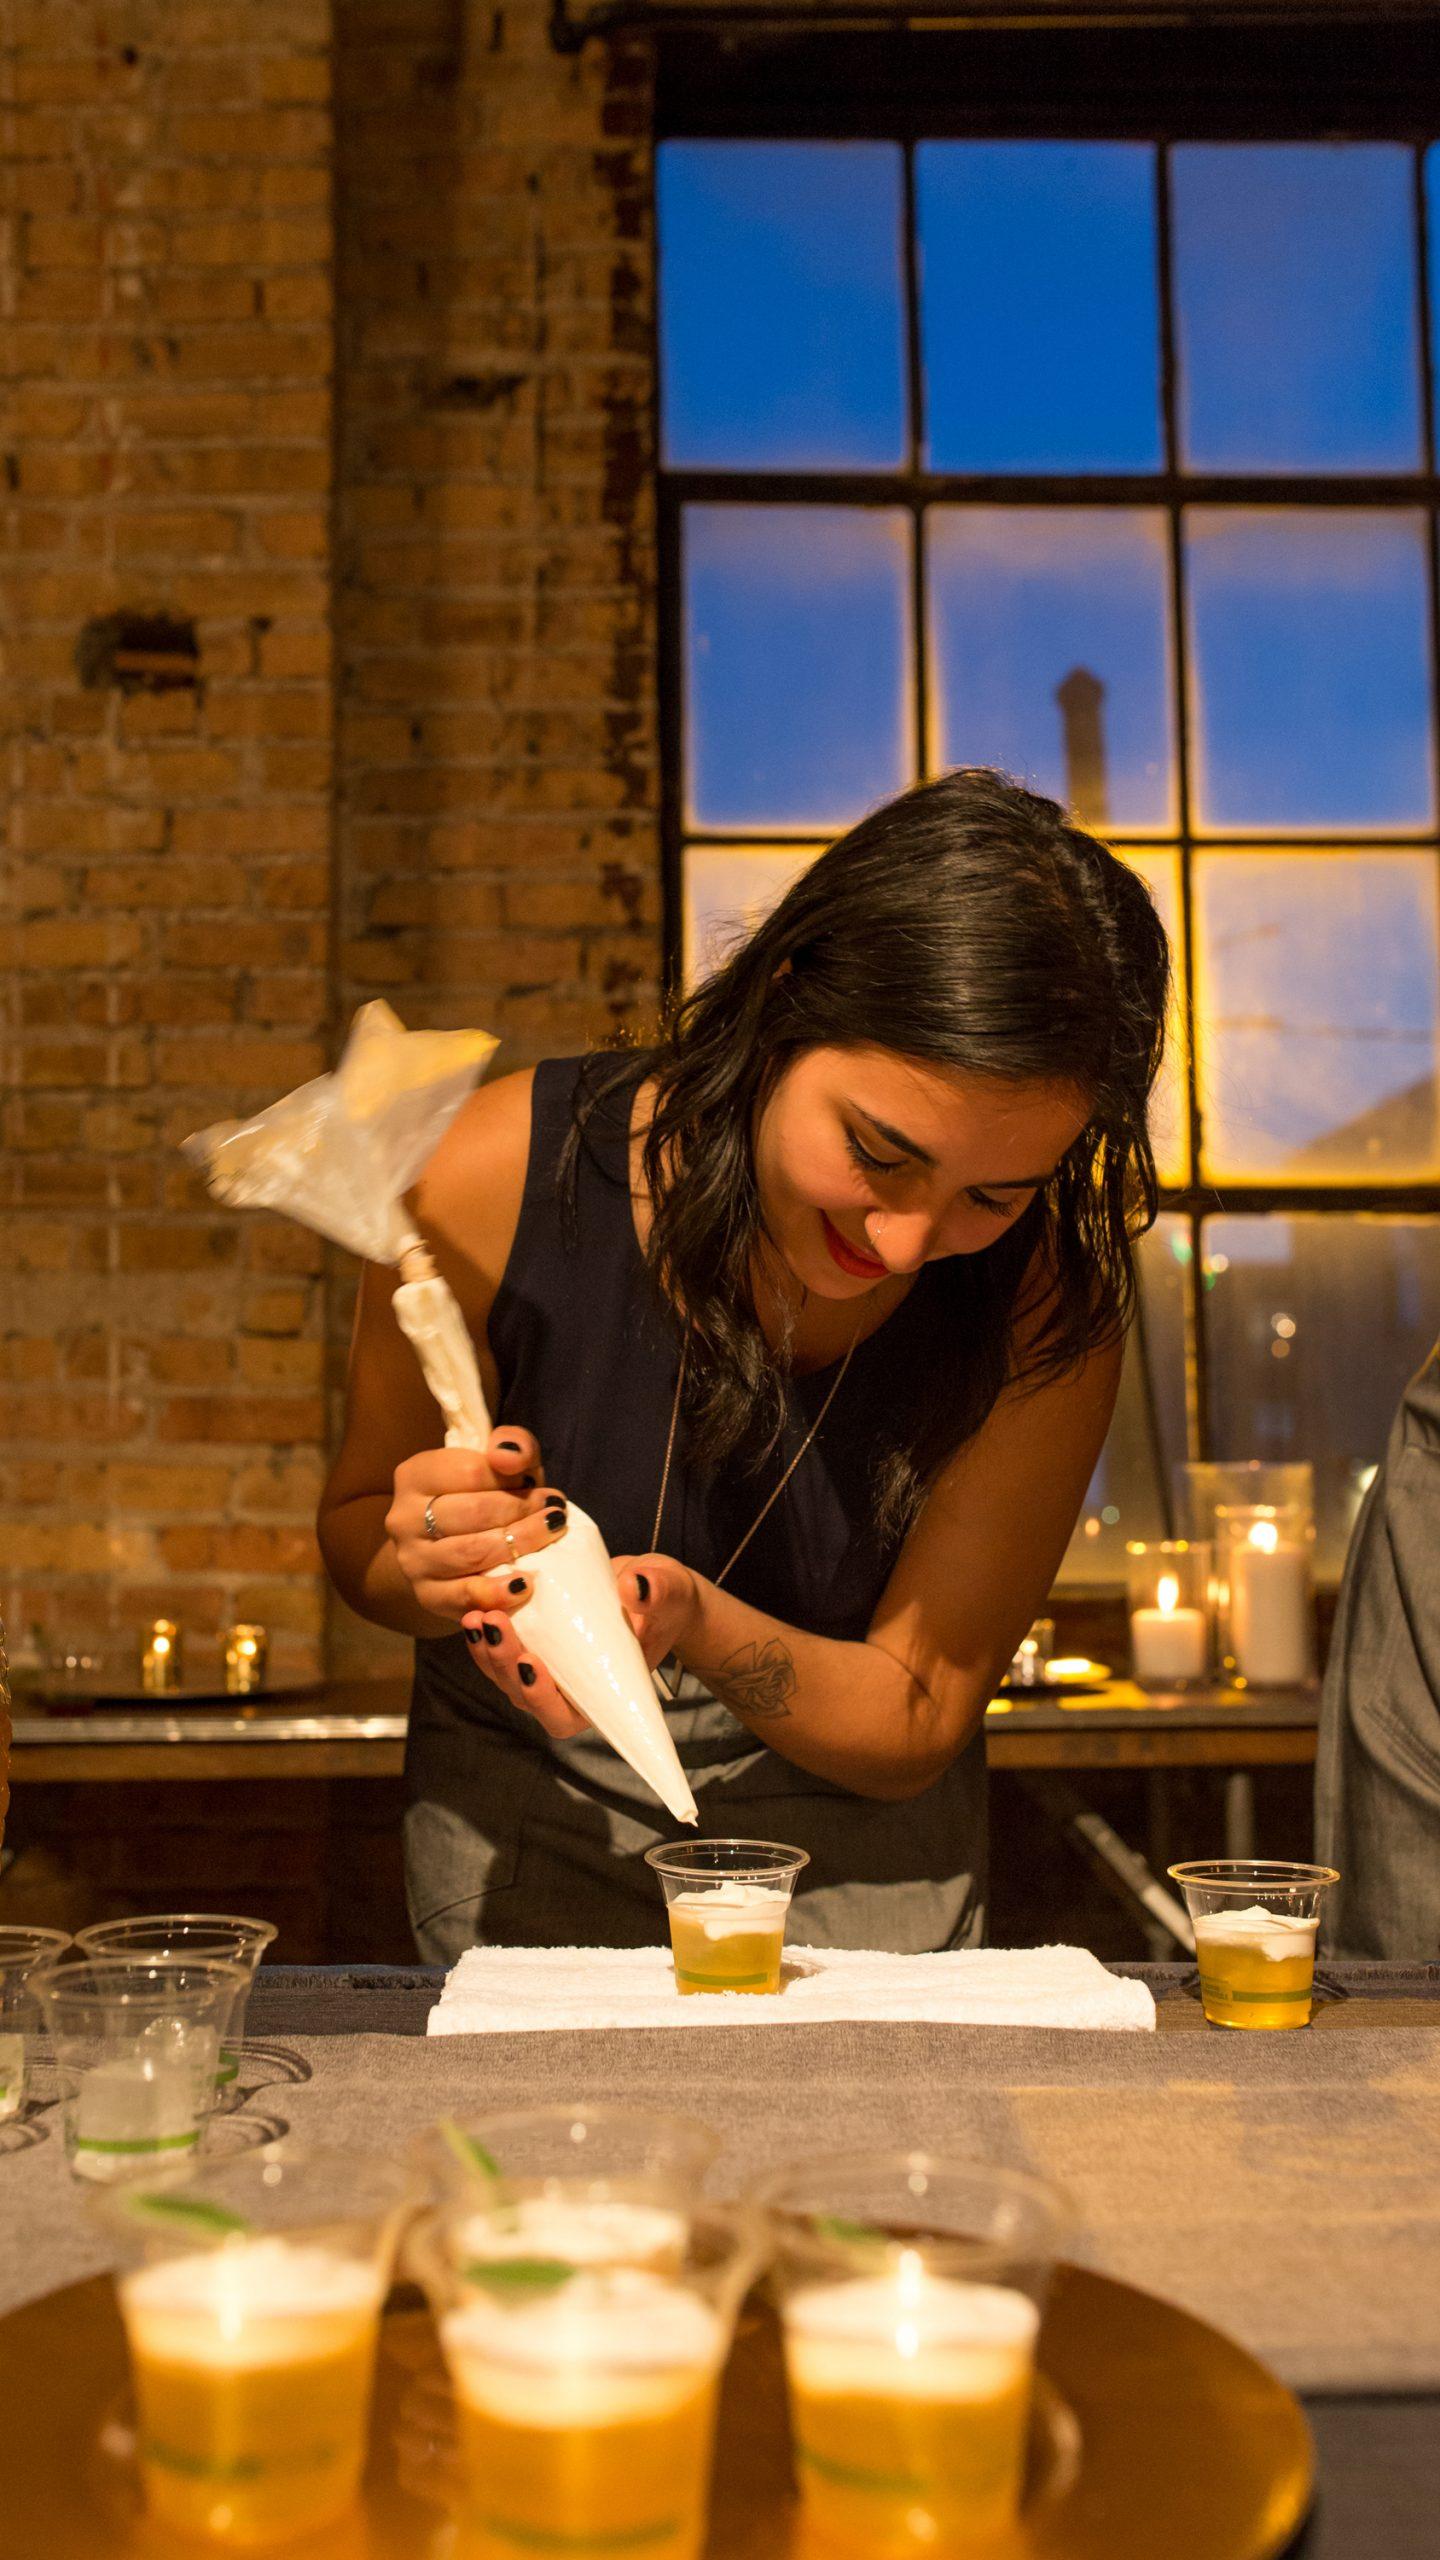 Mony Bunni of Boleo pipes marshmallow cream onto the cocktails